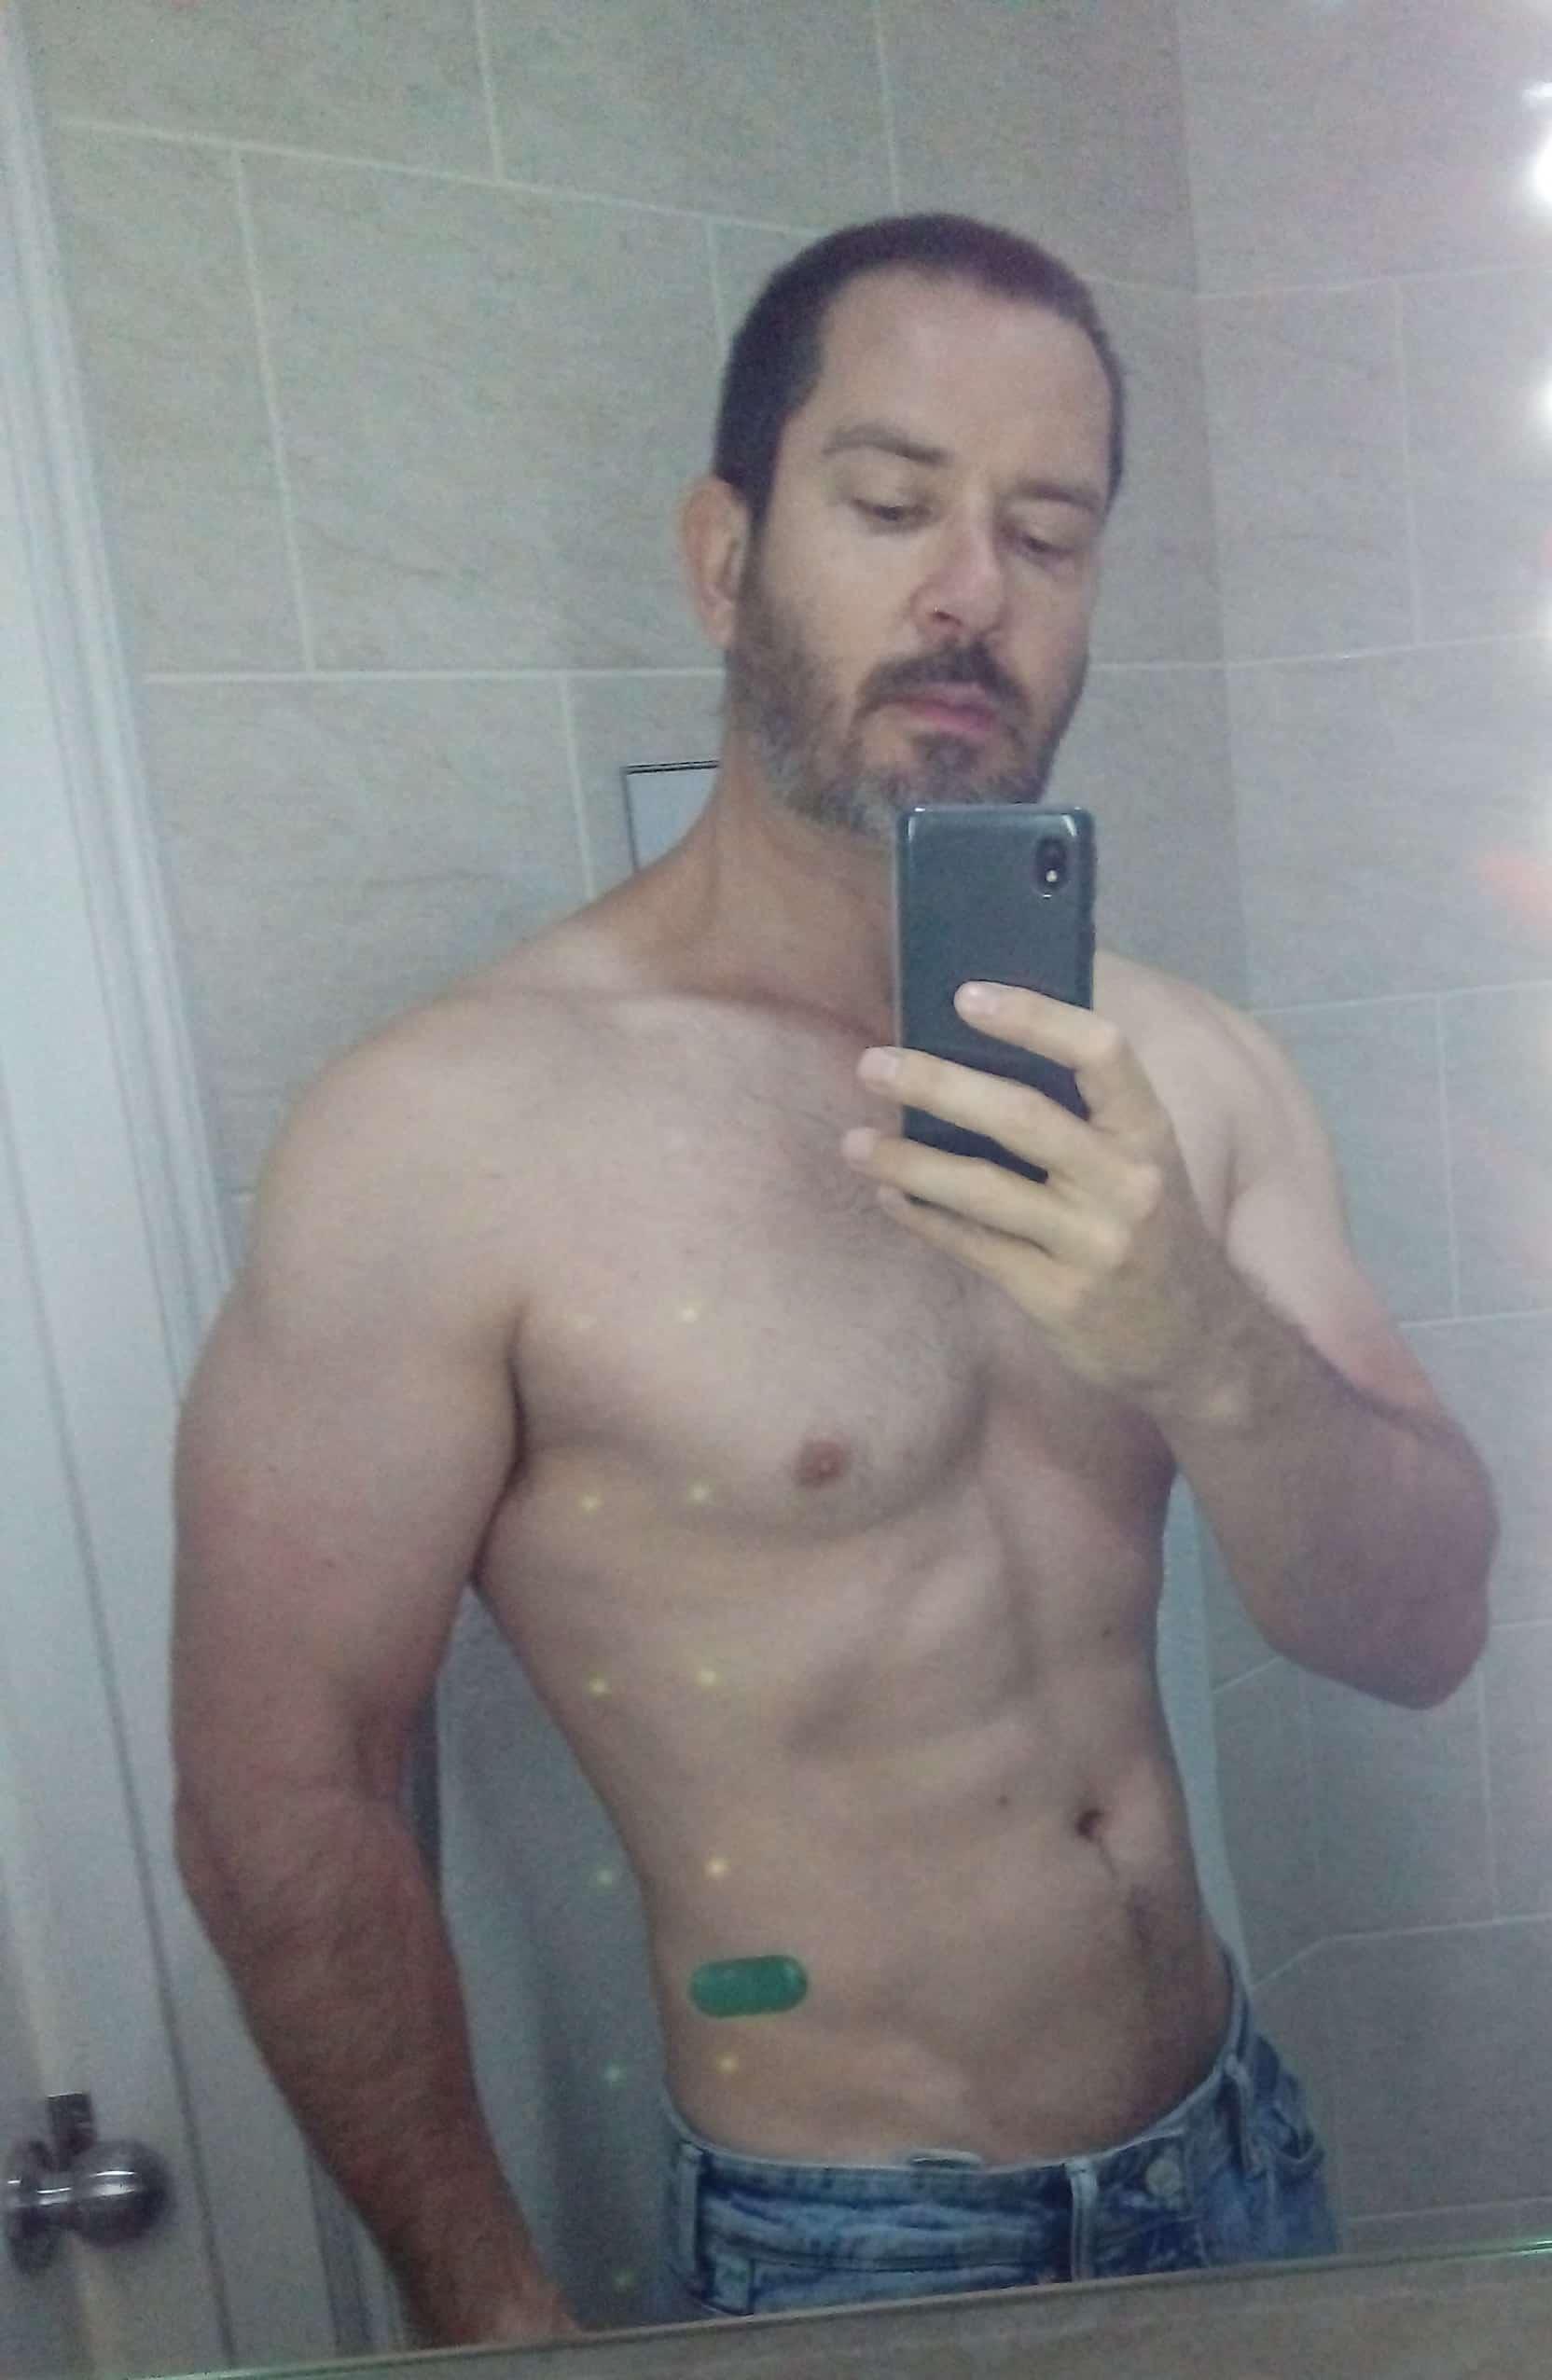 Body Fat Loss In 14 weeks